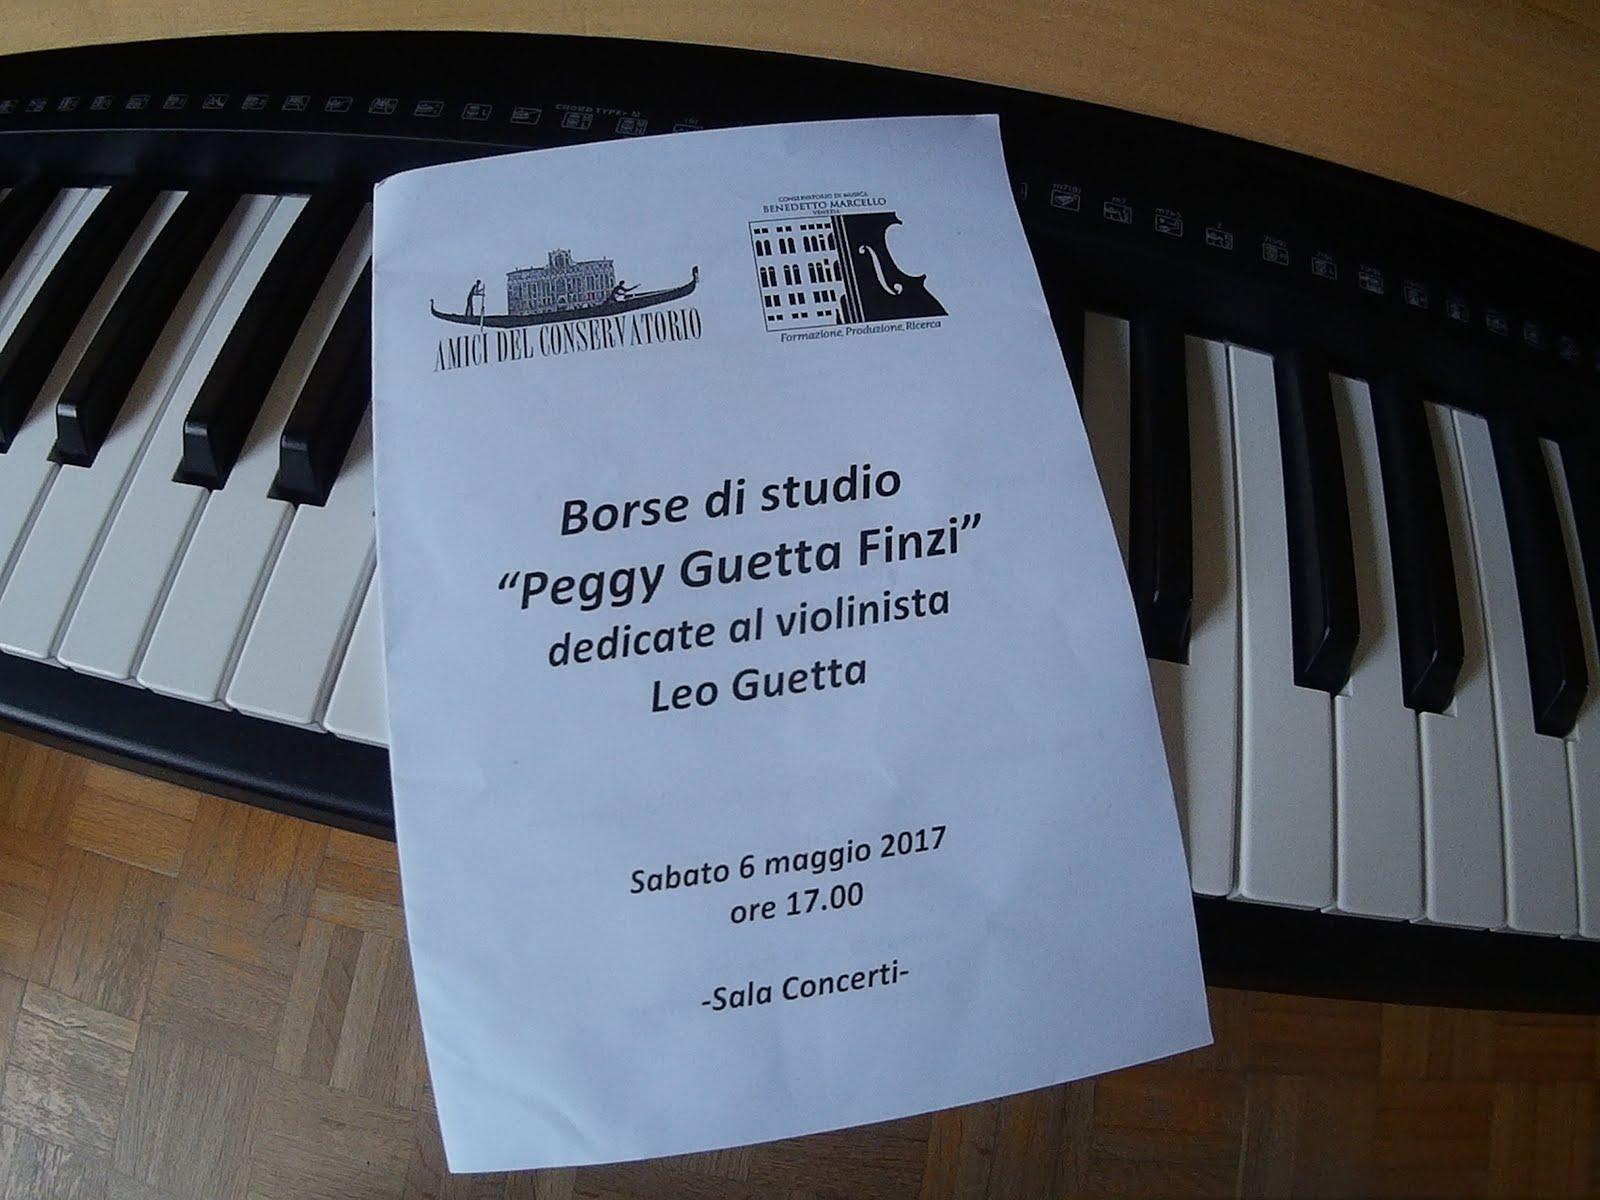 Borsa di Studio Peggy Guetta Finzi 2017